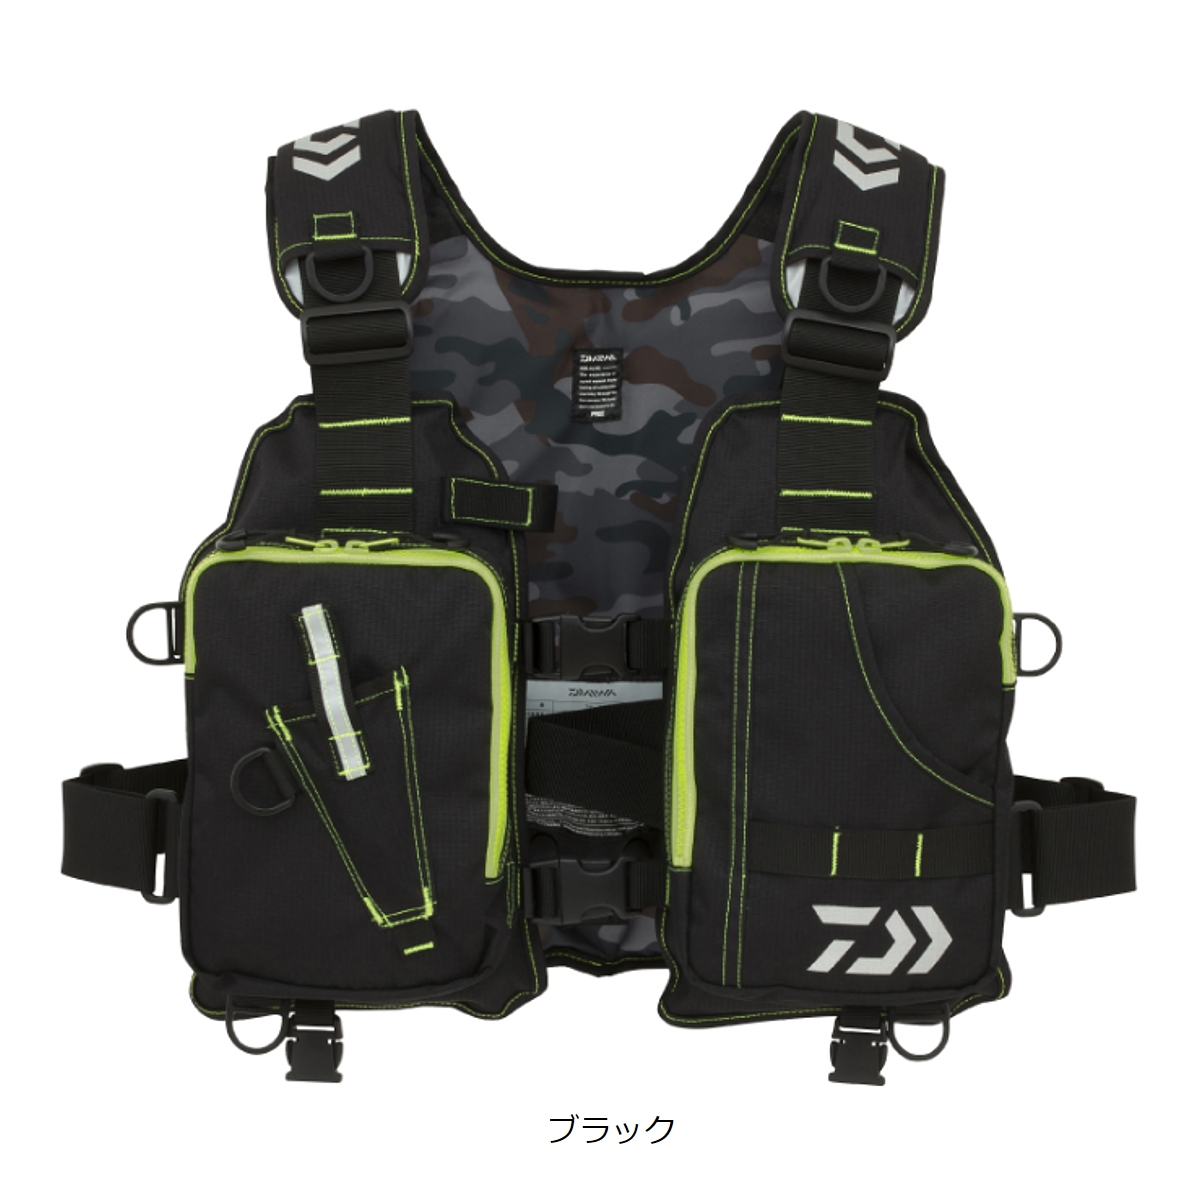 ダイワ ライトフロートゲームベスト DF-6406 フリー ブラック(東日本店)